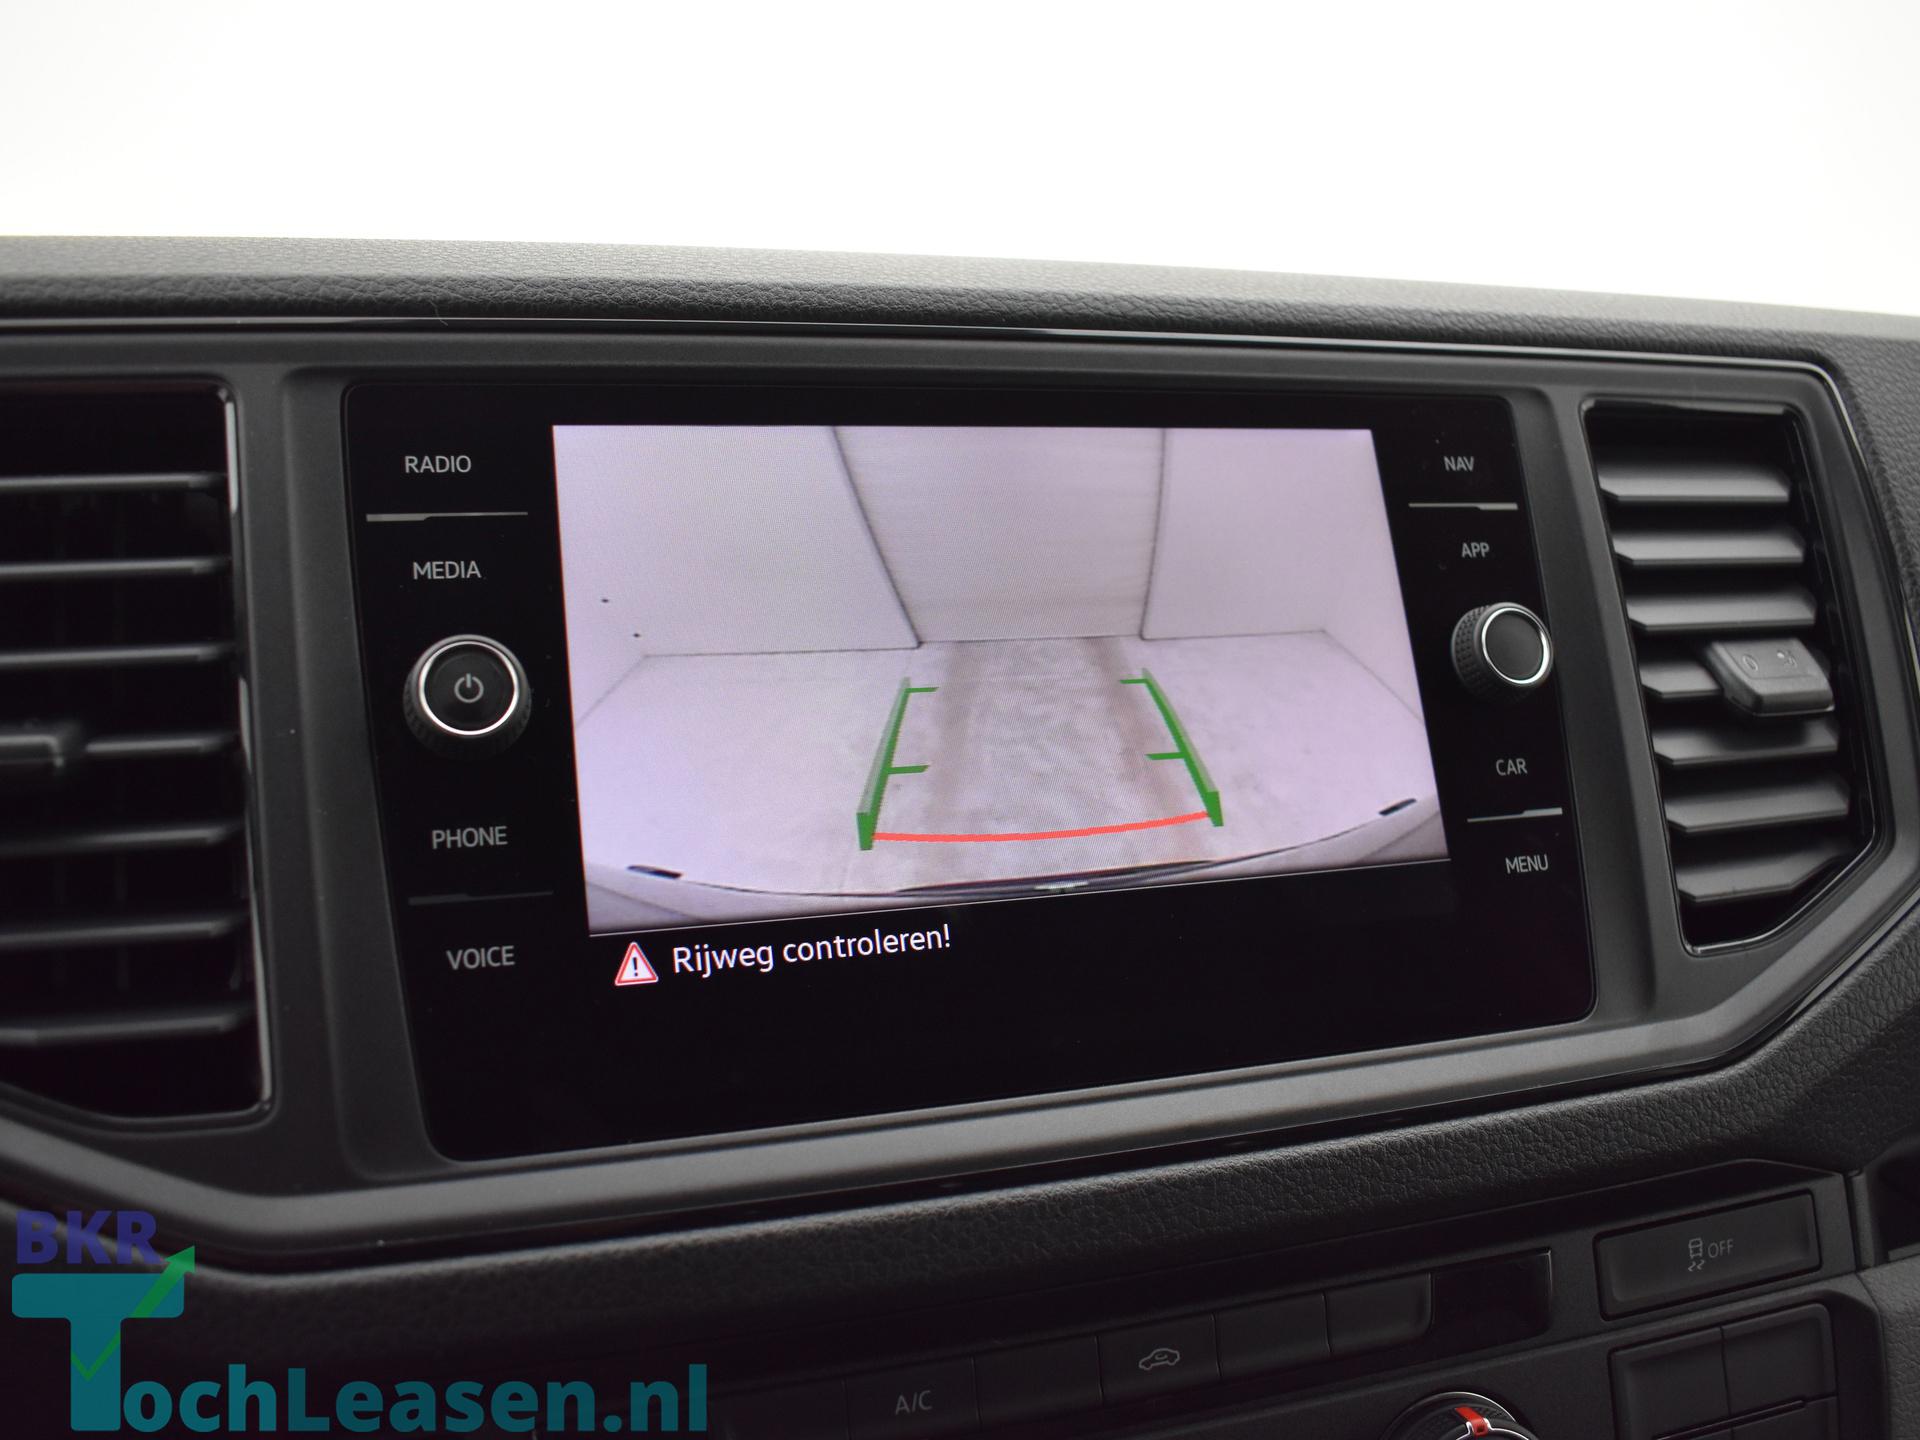 Bkr Toch Leasen Volkswagen Crafter3